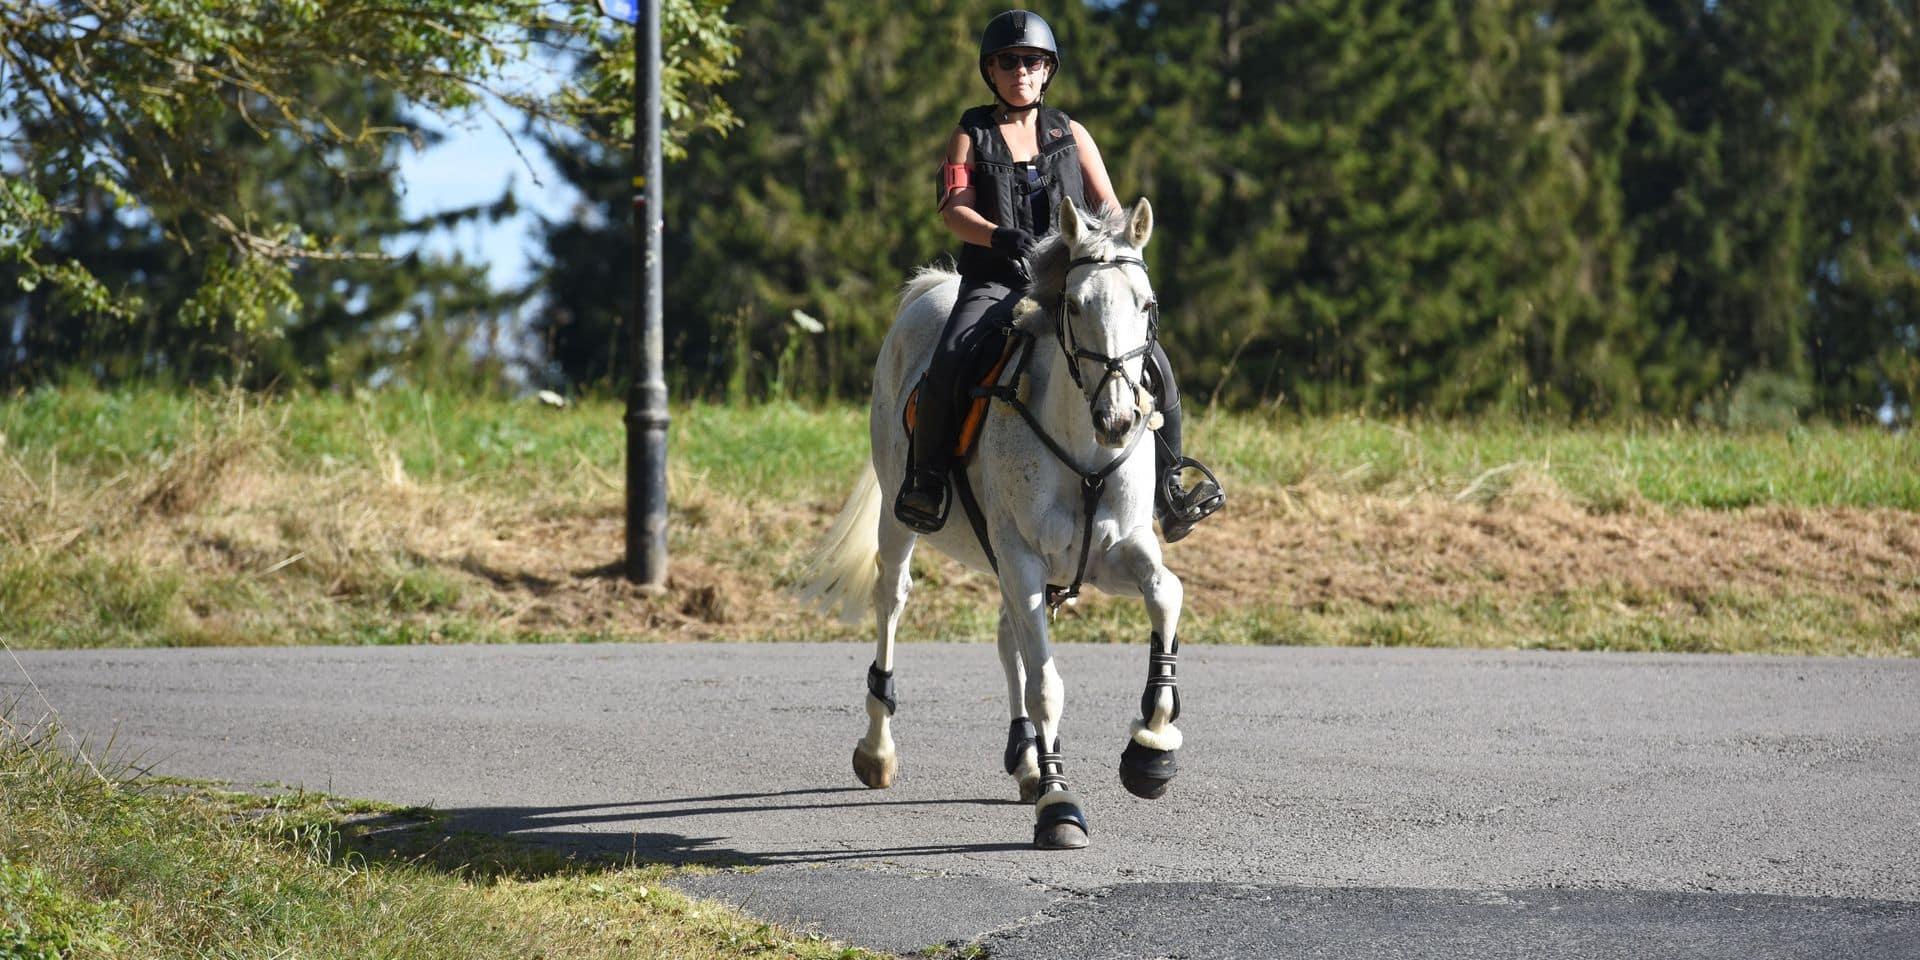 Un vol a été commis dans un club d'équitation à Péruwelz